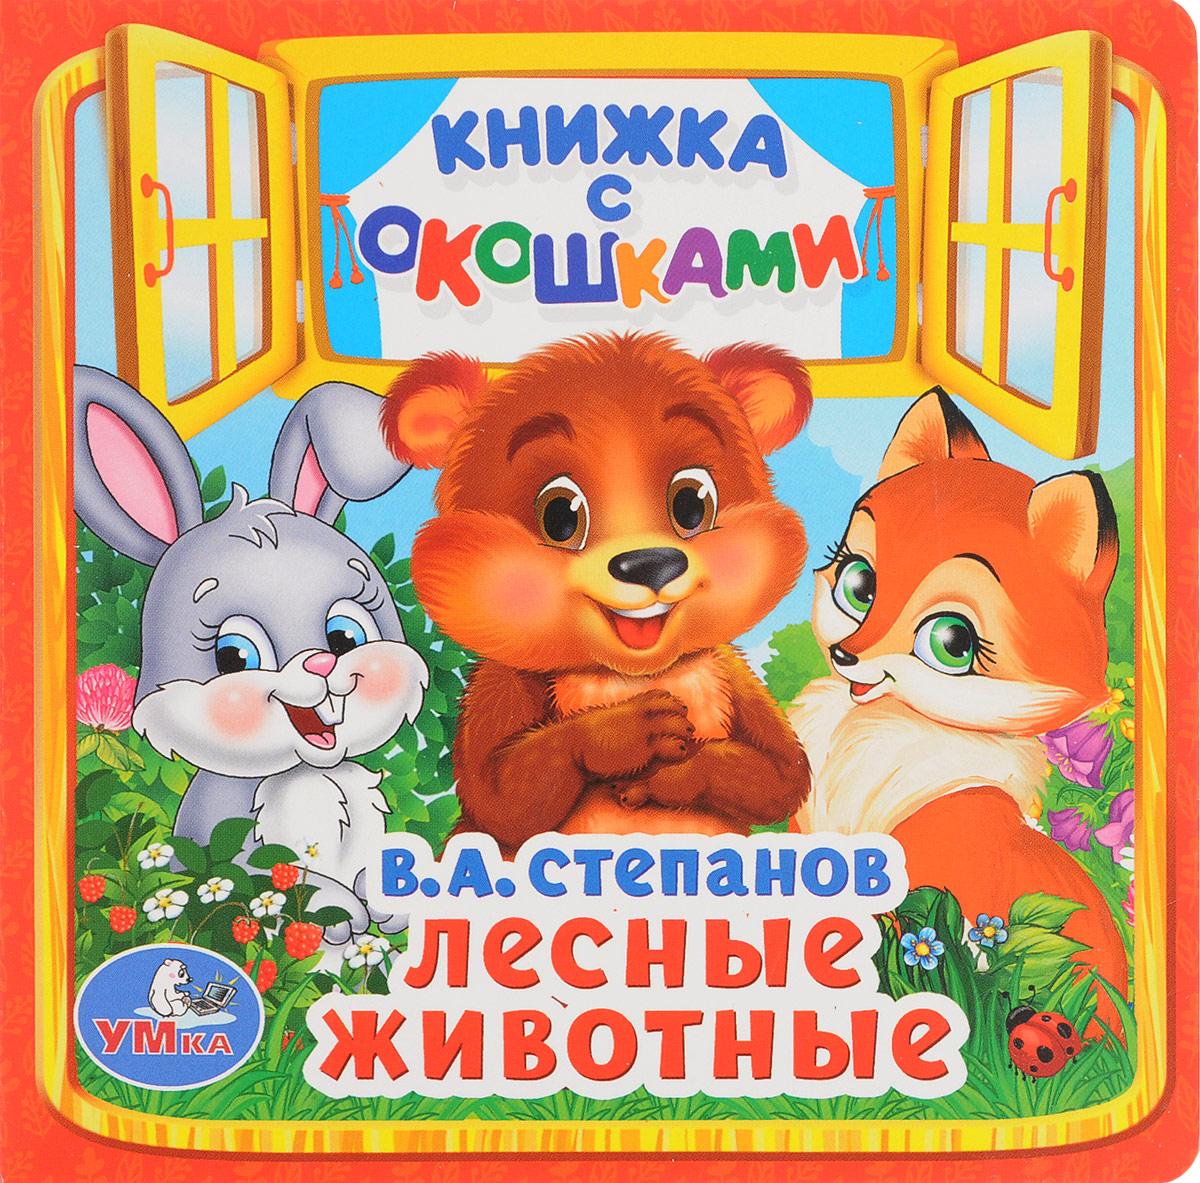 В. А. Степанов Лесные животные